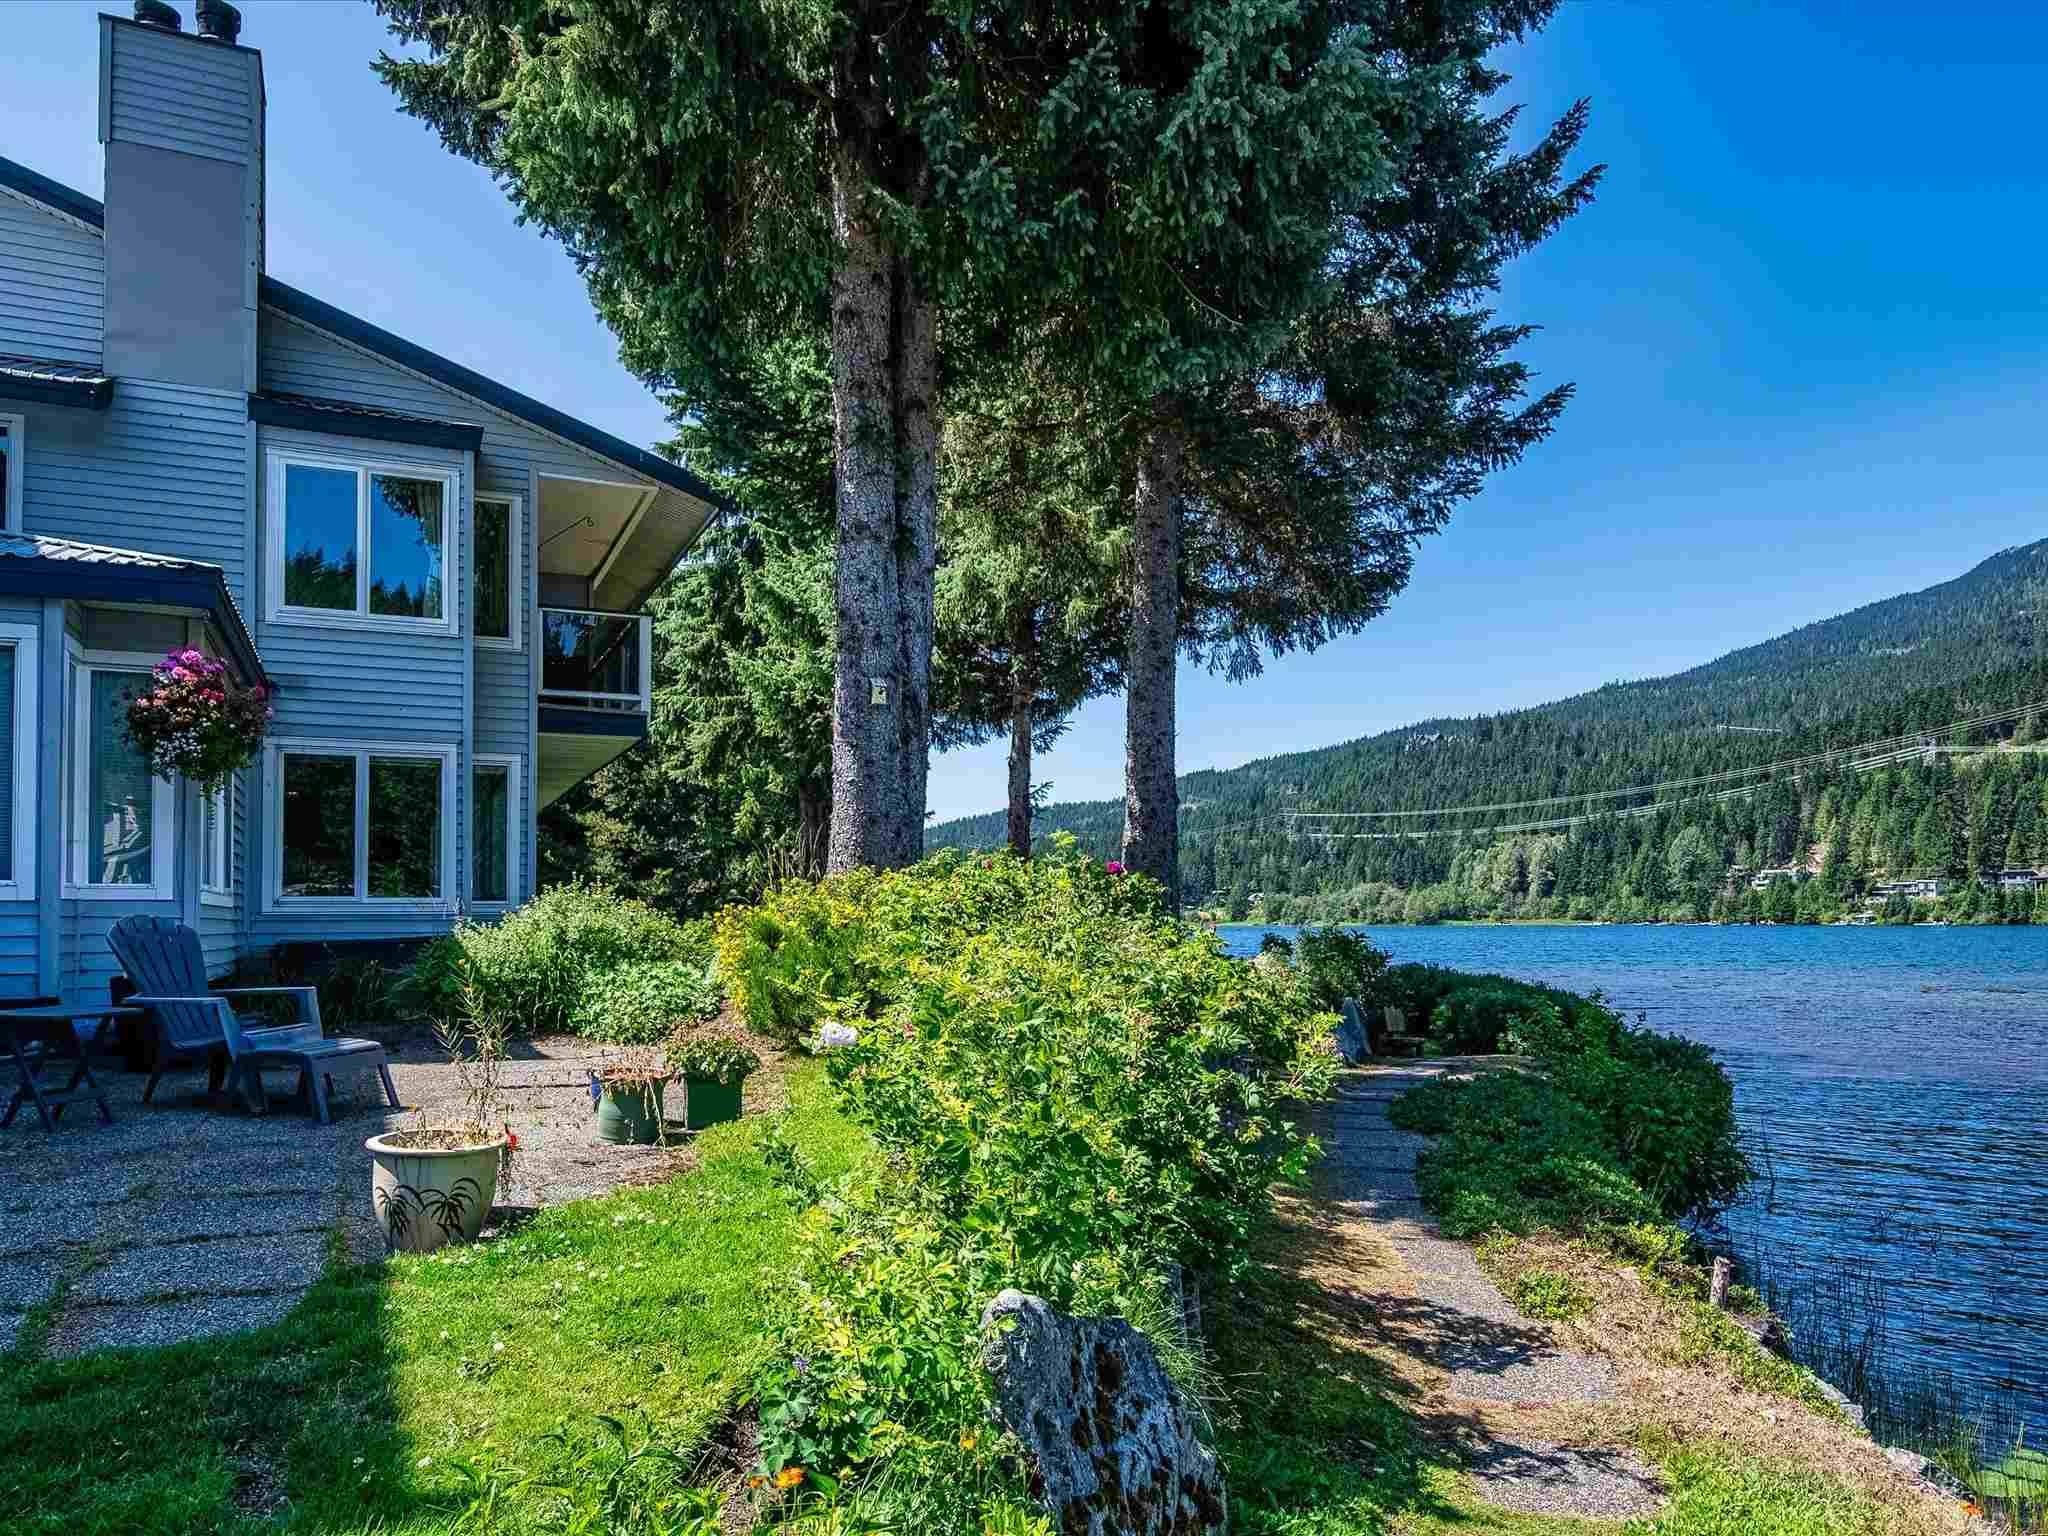 17 3262 ARCHIBALD WAY - Alta Vista Apartment/Condo for sale, 2 Bedrooms (R2605541)